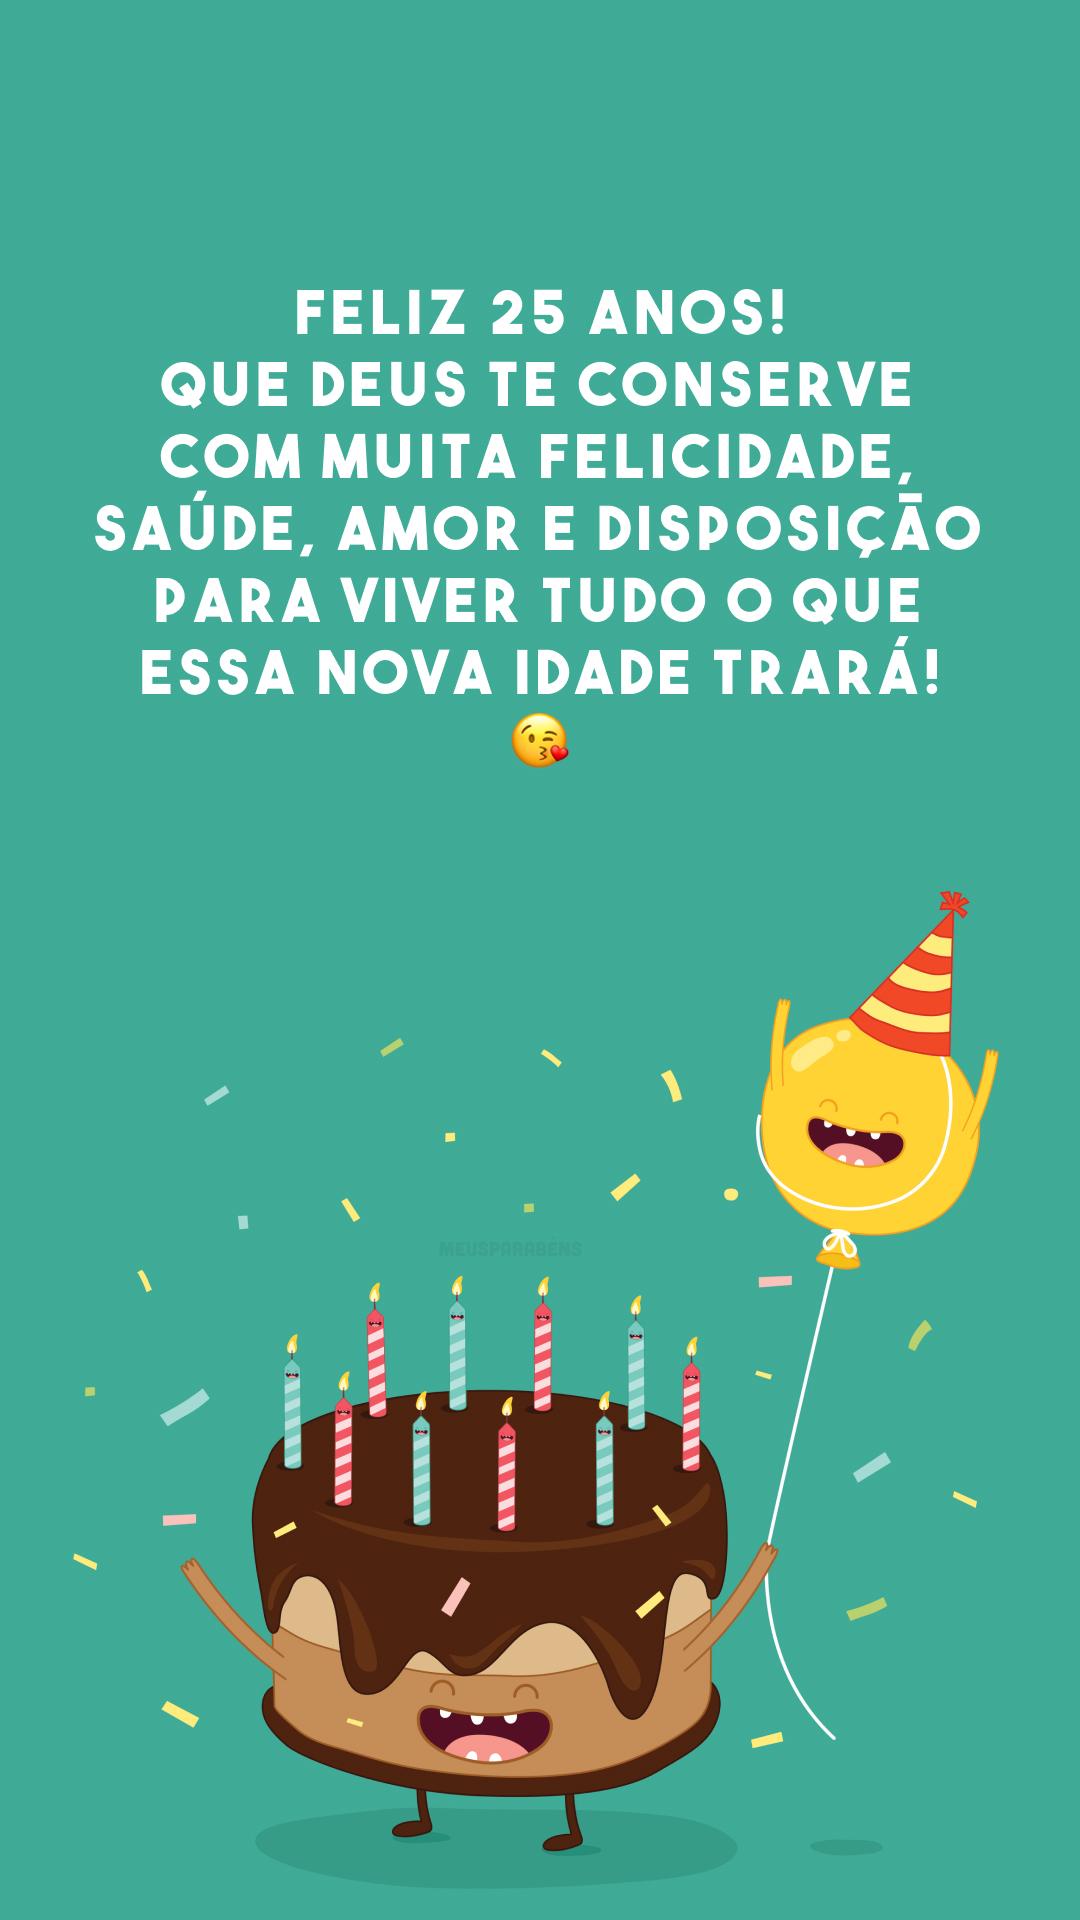 Feliz 25 anos! Que Deus te conserve com muita felicidade, saúde, amor e disposição para viver tudo o que essa nova idade trará! 😘